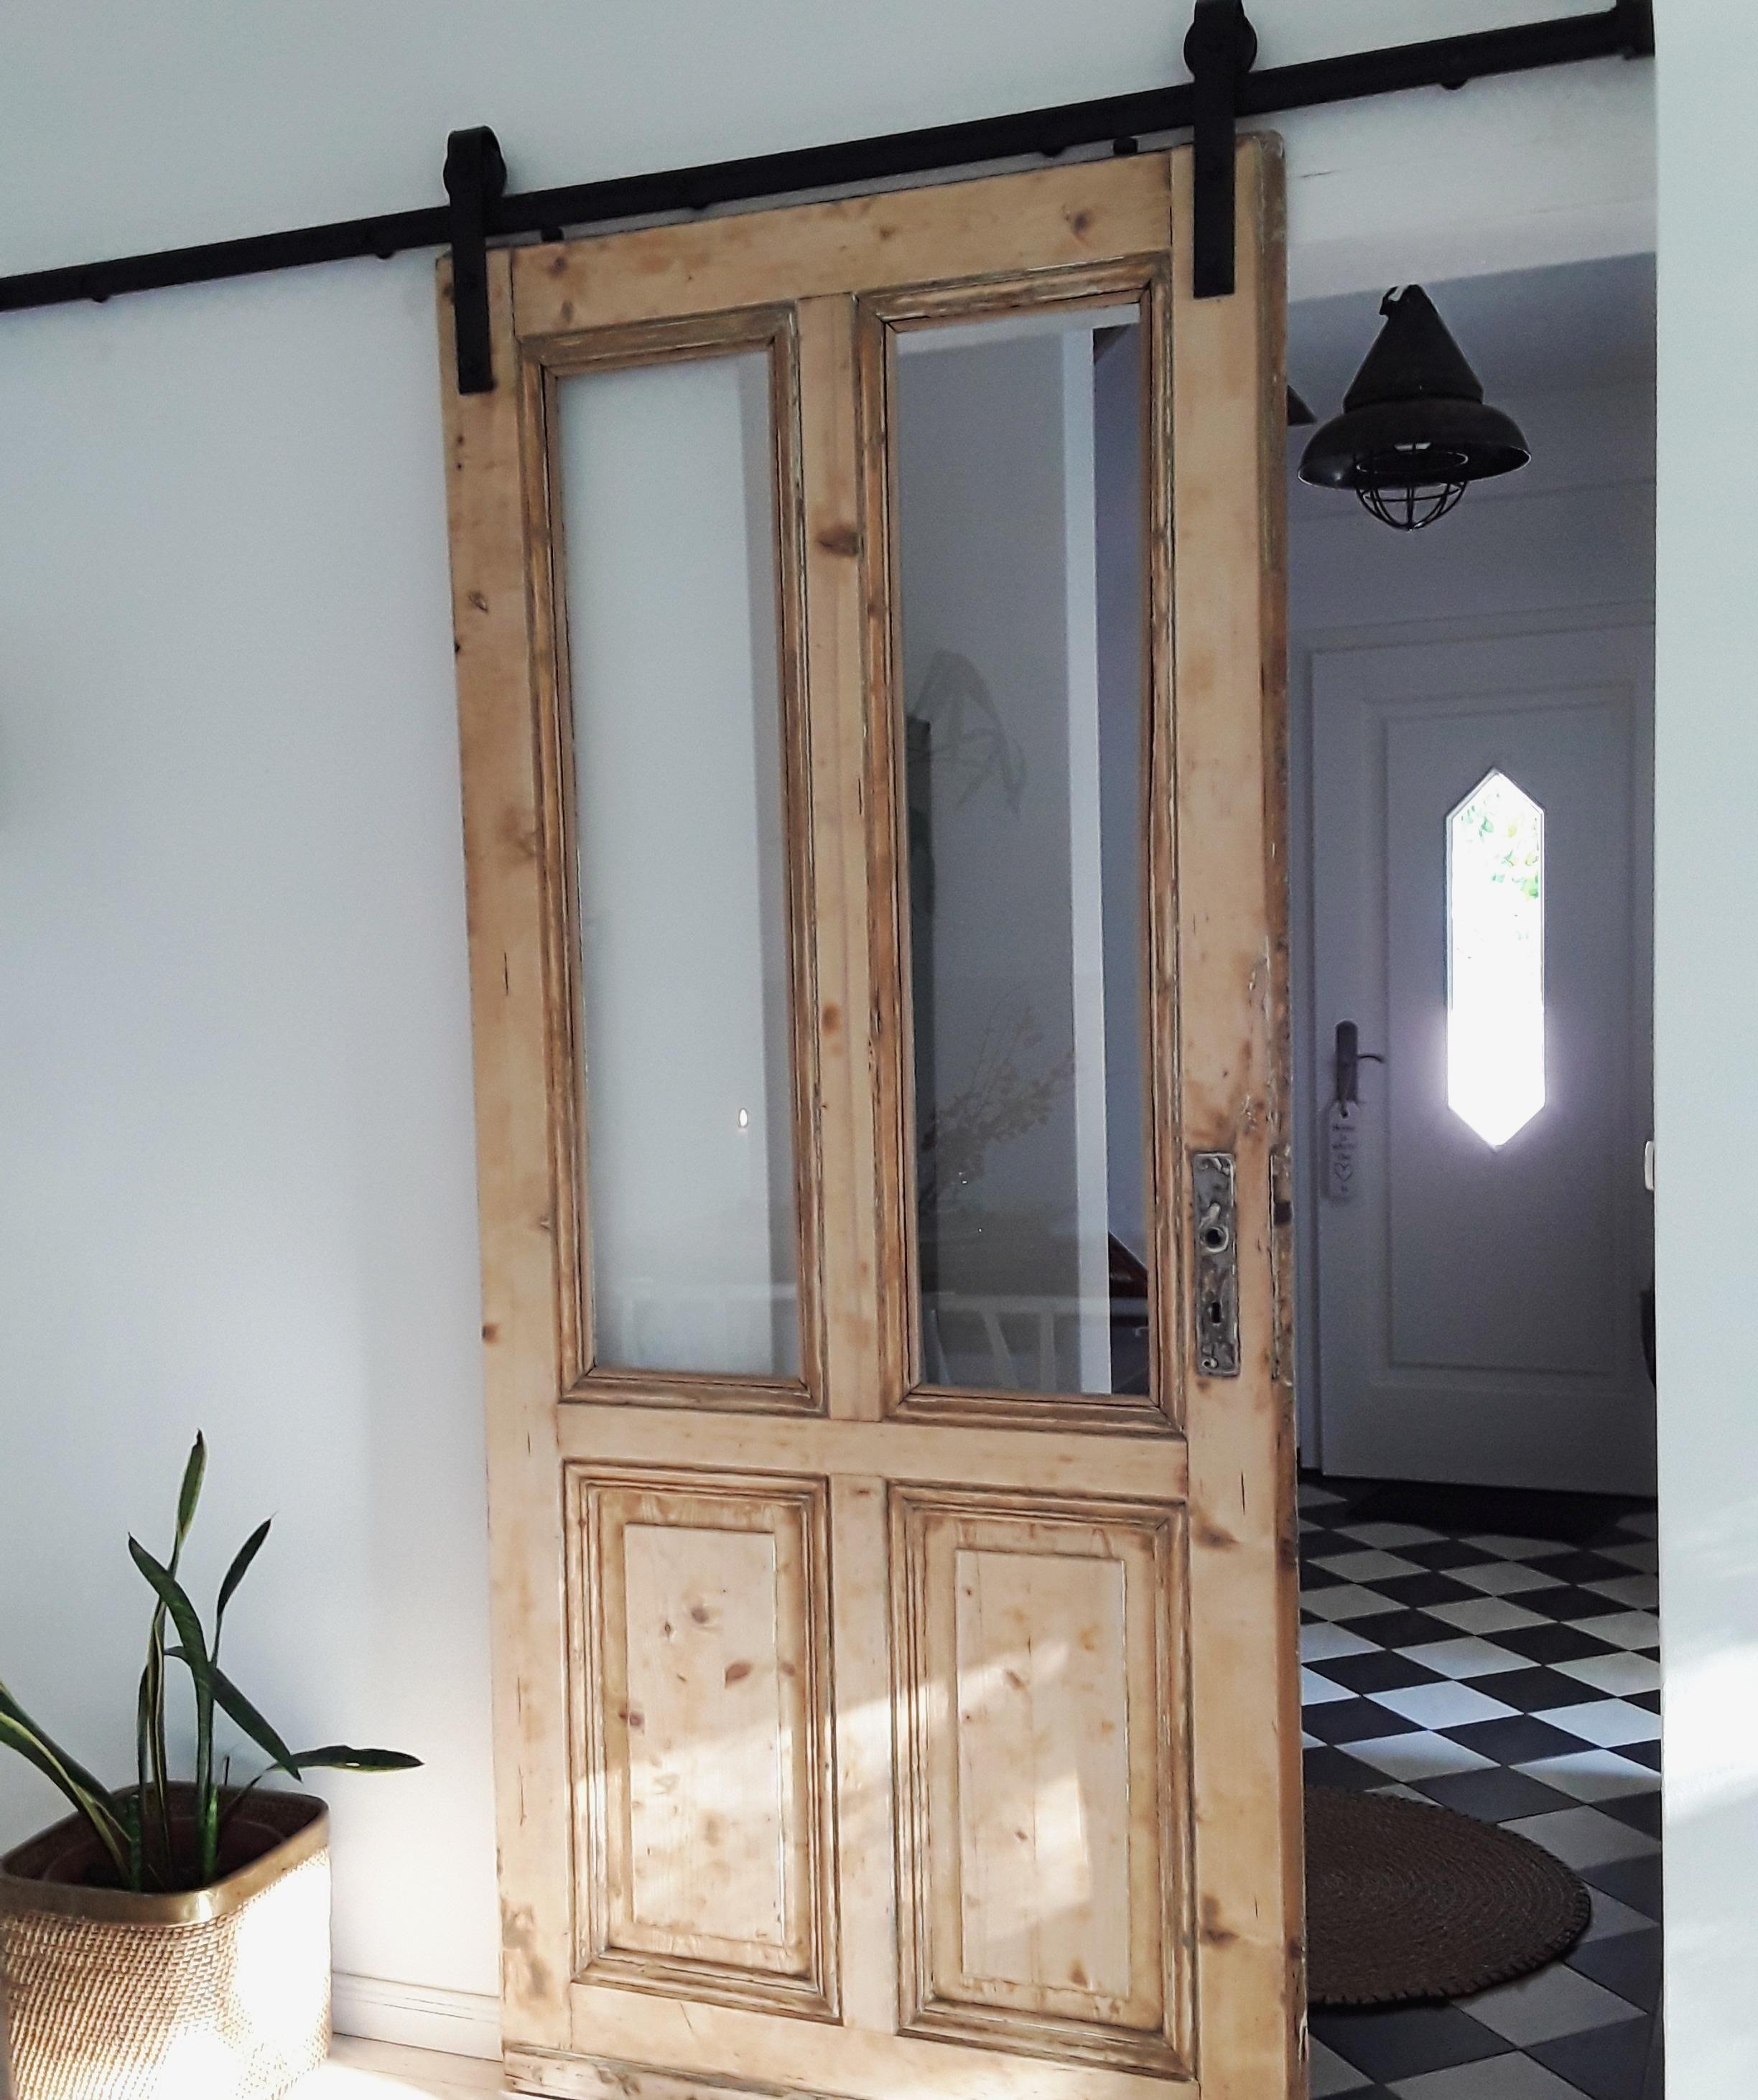 Schiebetüren: So integrierst du die praktischen Türen!